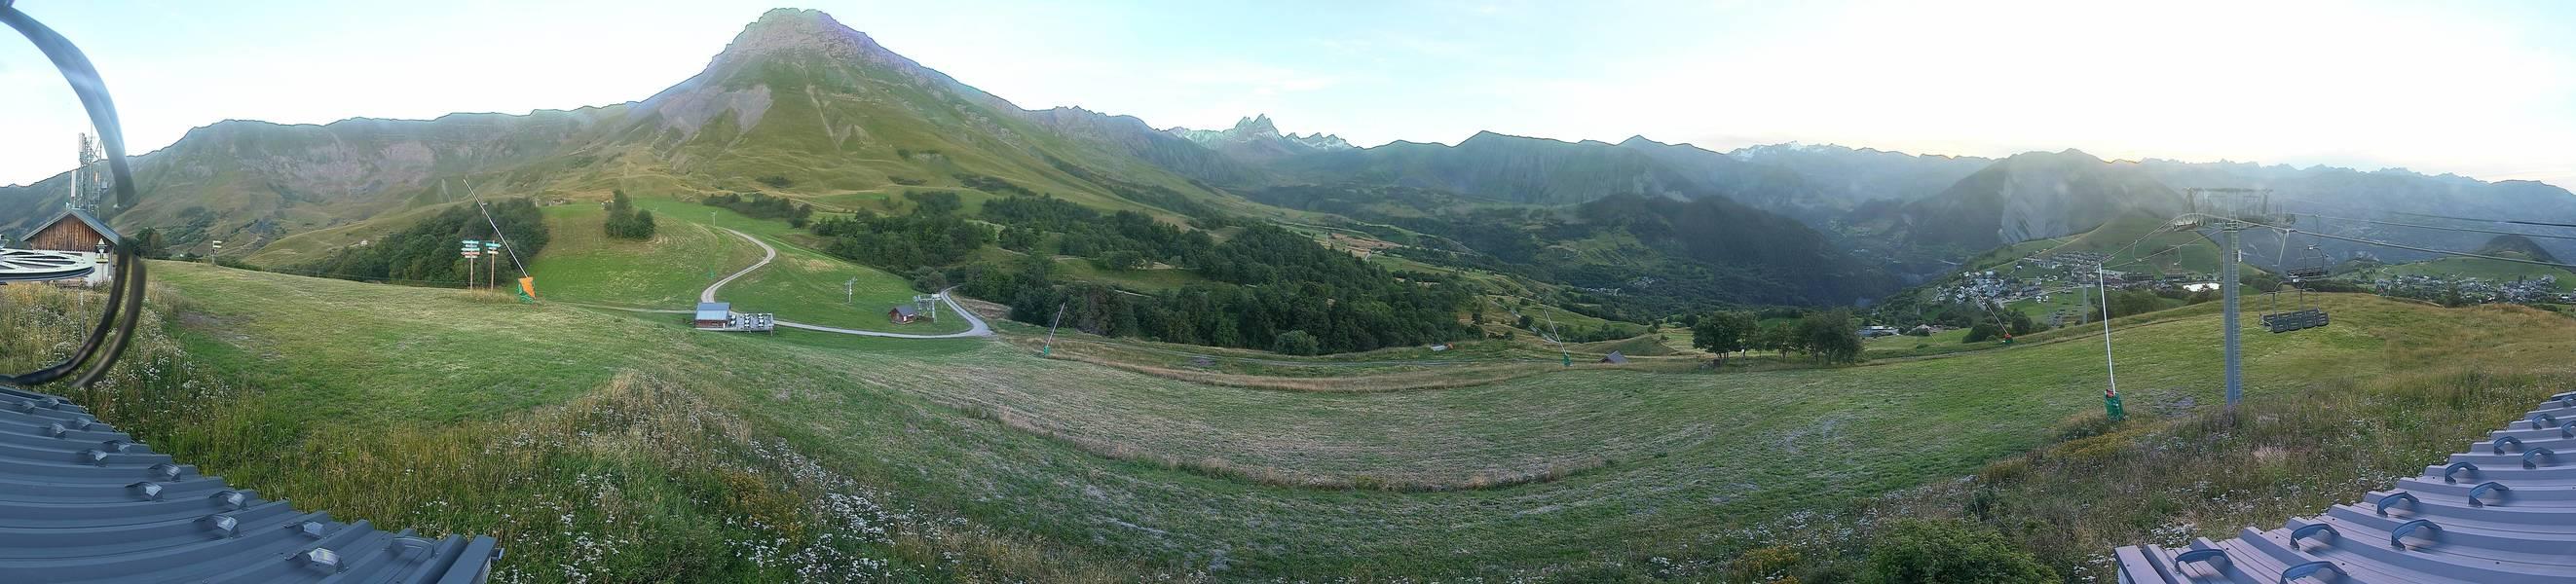 Webcam d Albiez Montrond (Etendard, Col de la Croix de Fer et secteur Glandon au milieu et un peu sur la droite du panorama